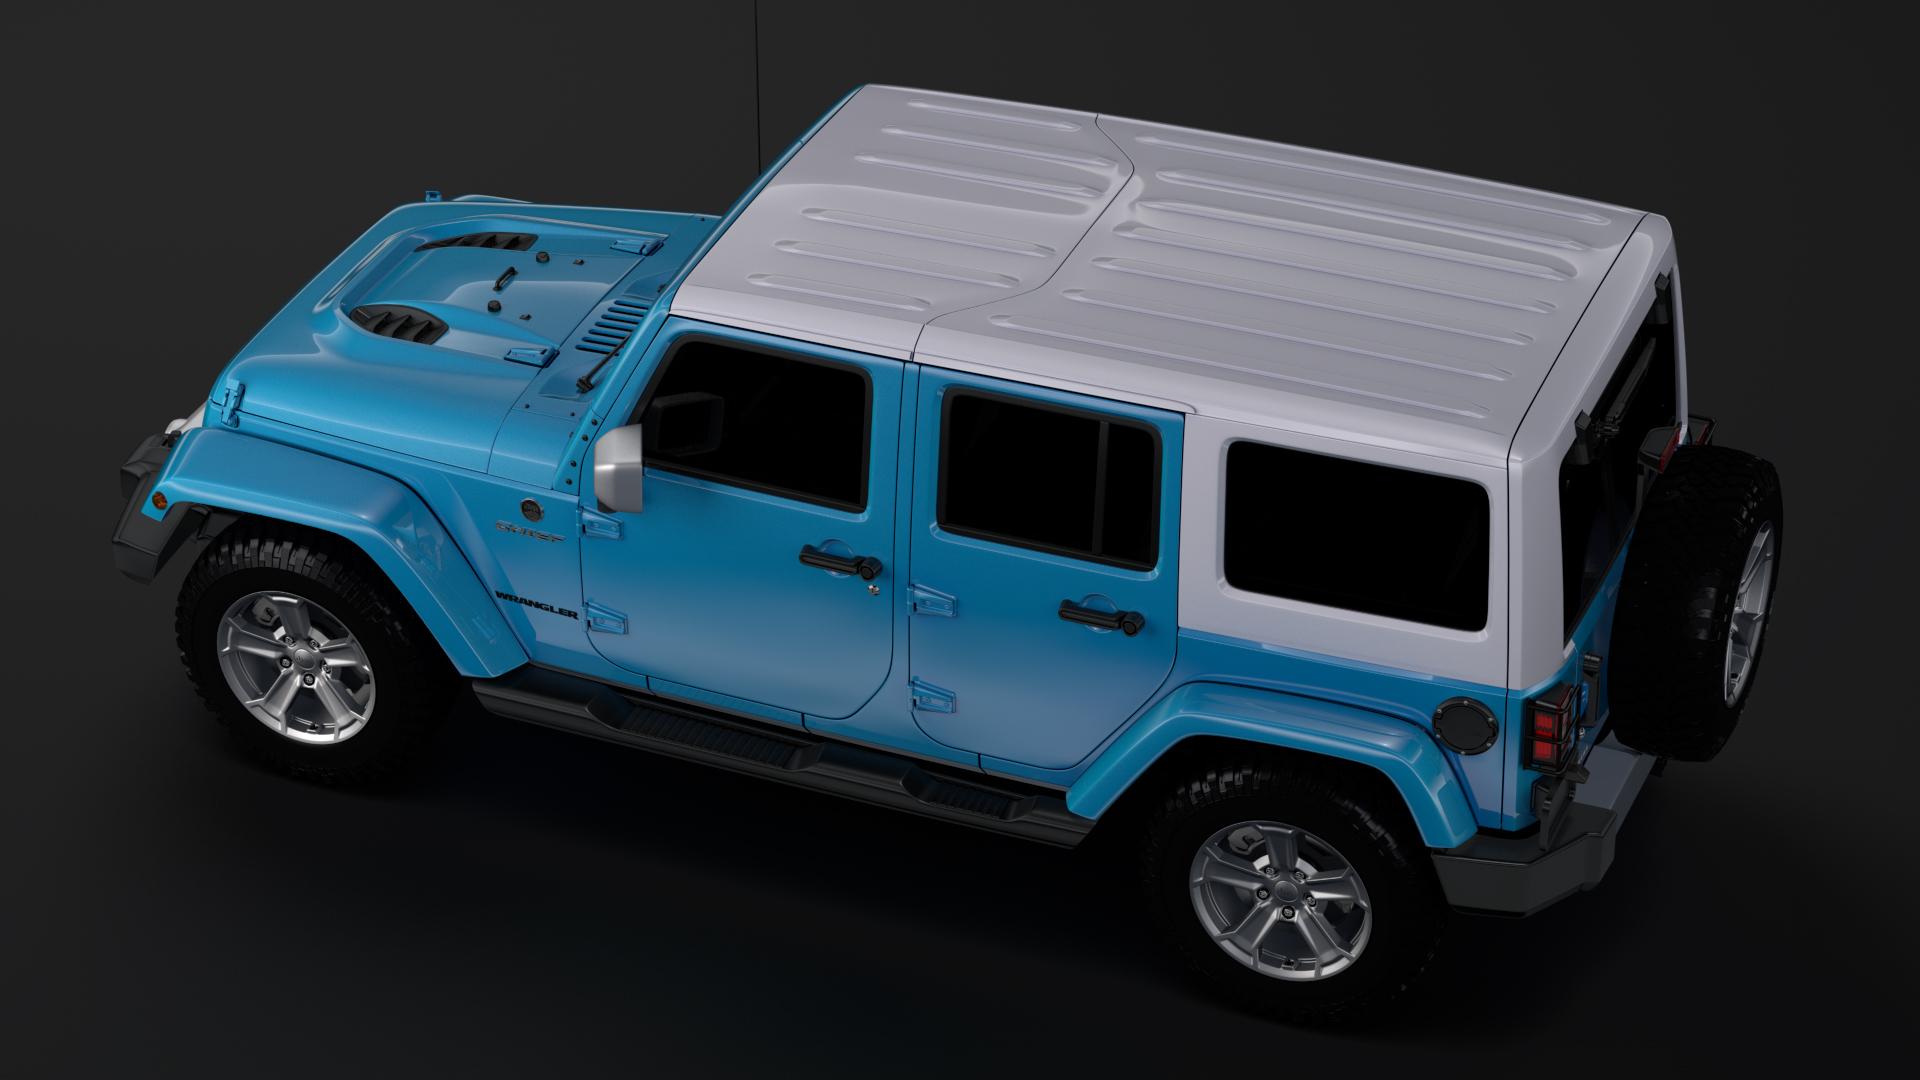 jeep wrangler unlimited chief jk 2017 3d model max fbx c4d lwo ma mb hrc xsi obj 276979